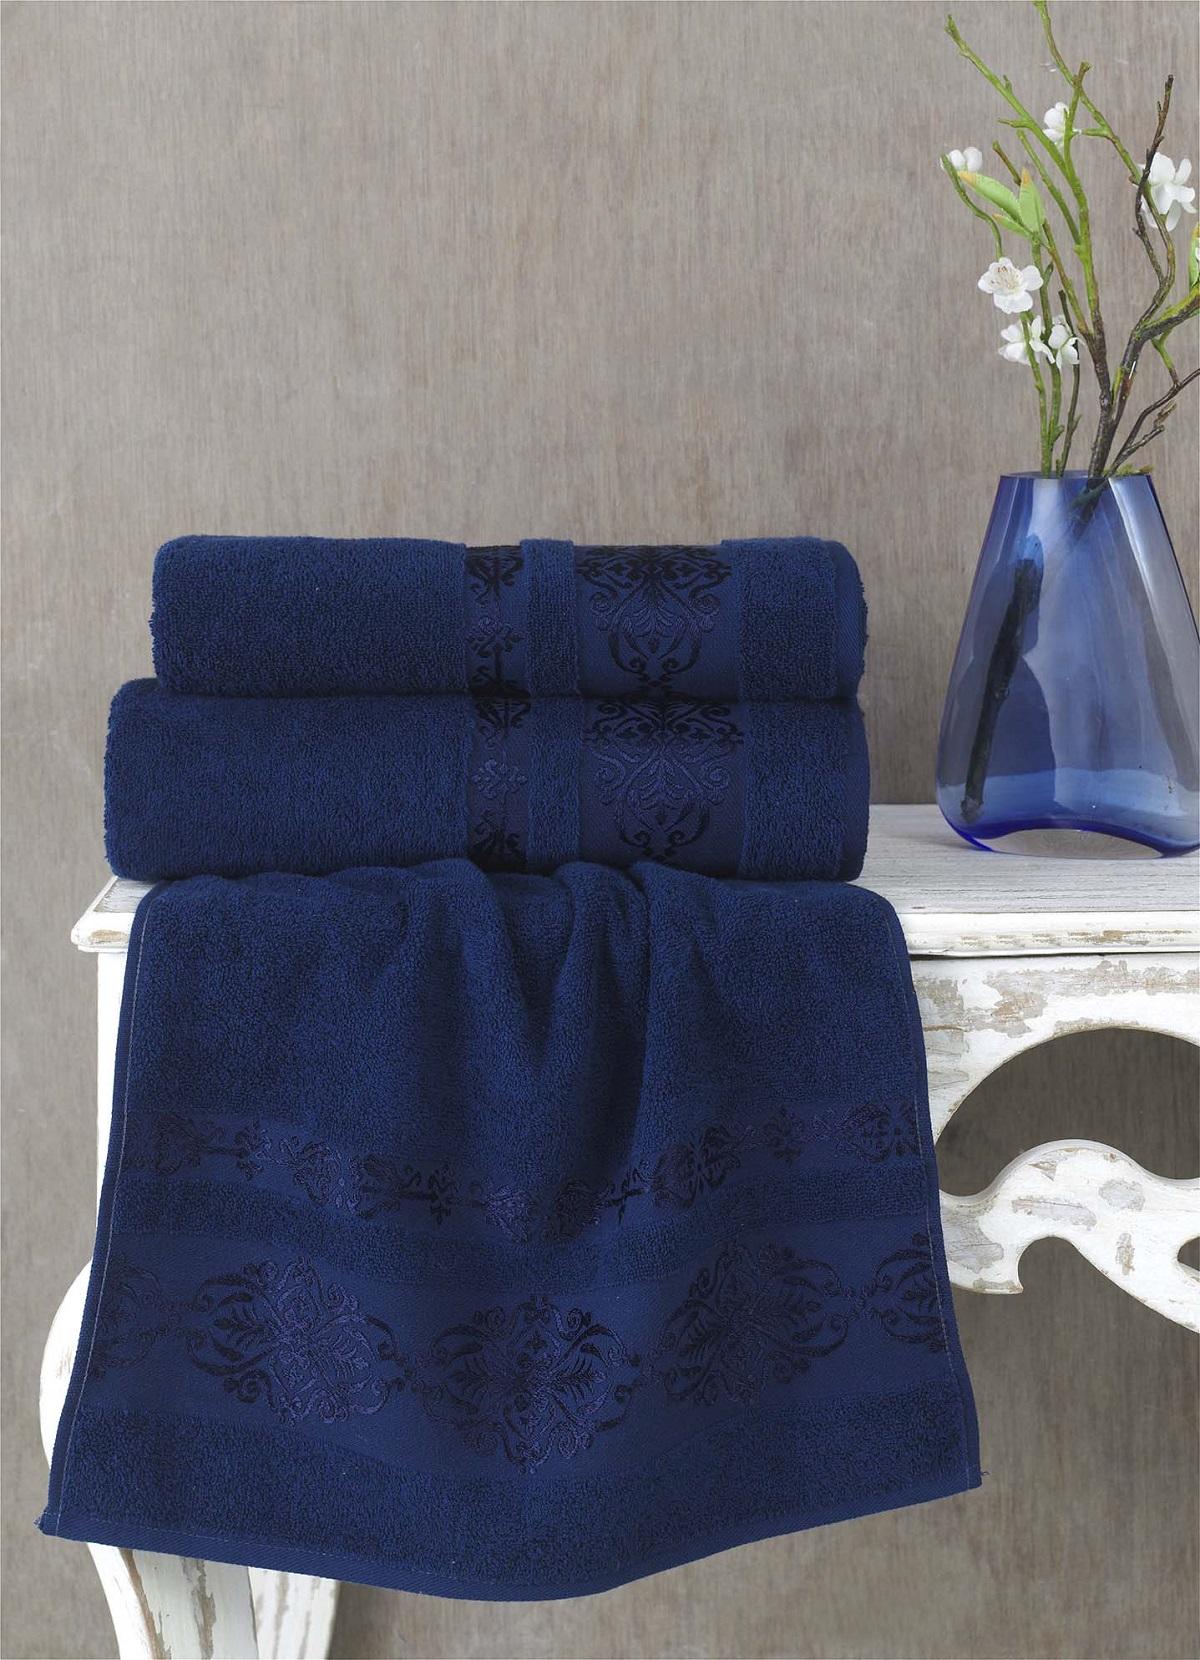 Полотенца Karna Полотенце Rebeka Цвет: Синий (70х140 см) полотенца karna полотенце iteka цвет коричневый 70х140 см